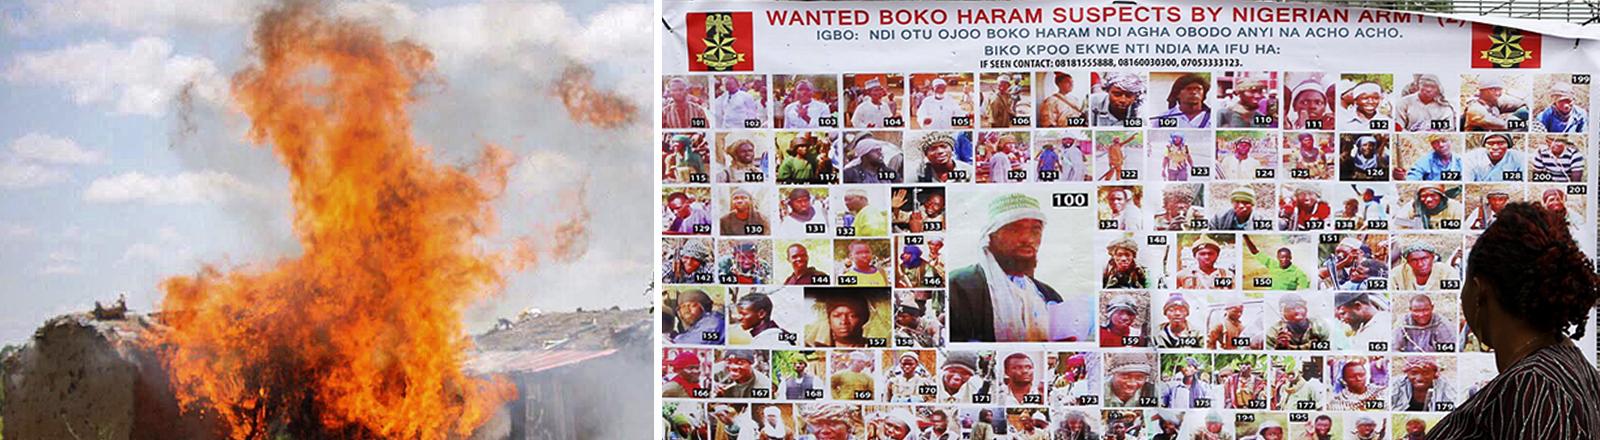 Collage_ links Feuer bei einem Anti-Terroreinsatz, rechts Fahndungsplakat Boko-Haram-Mitgliedero